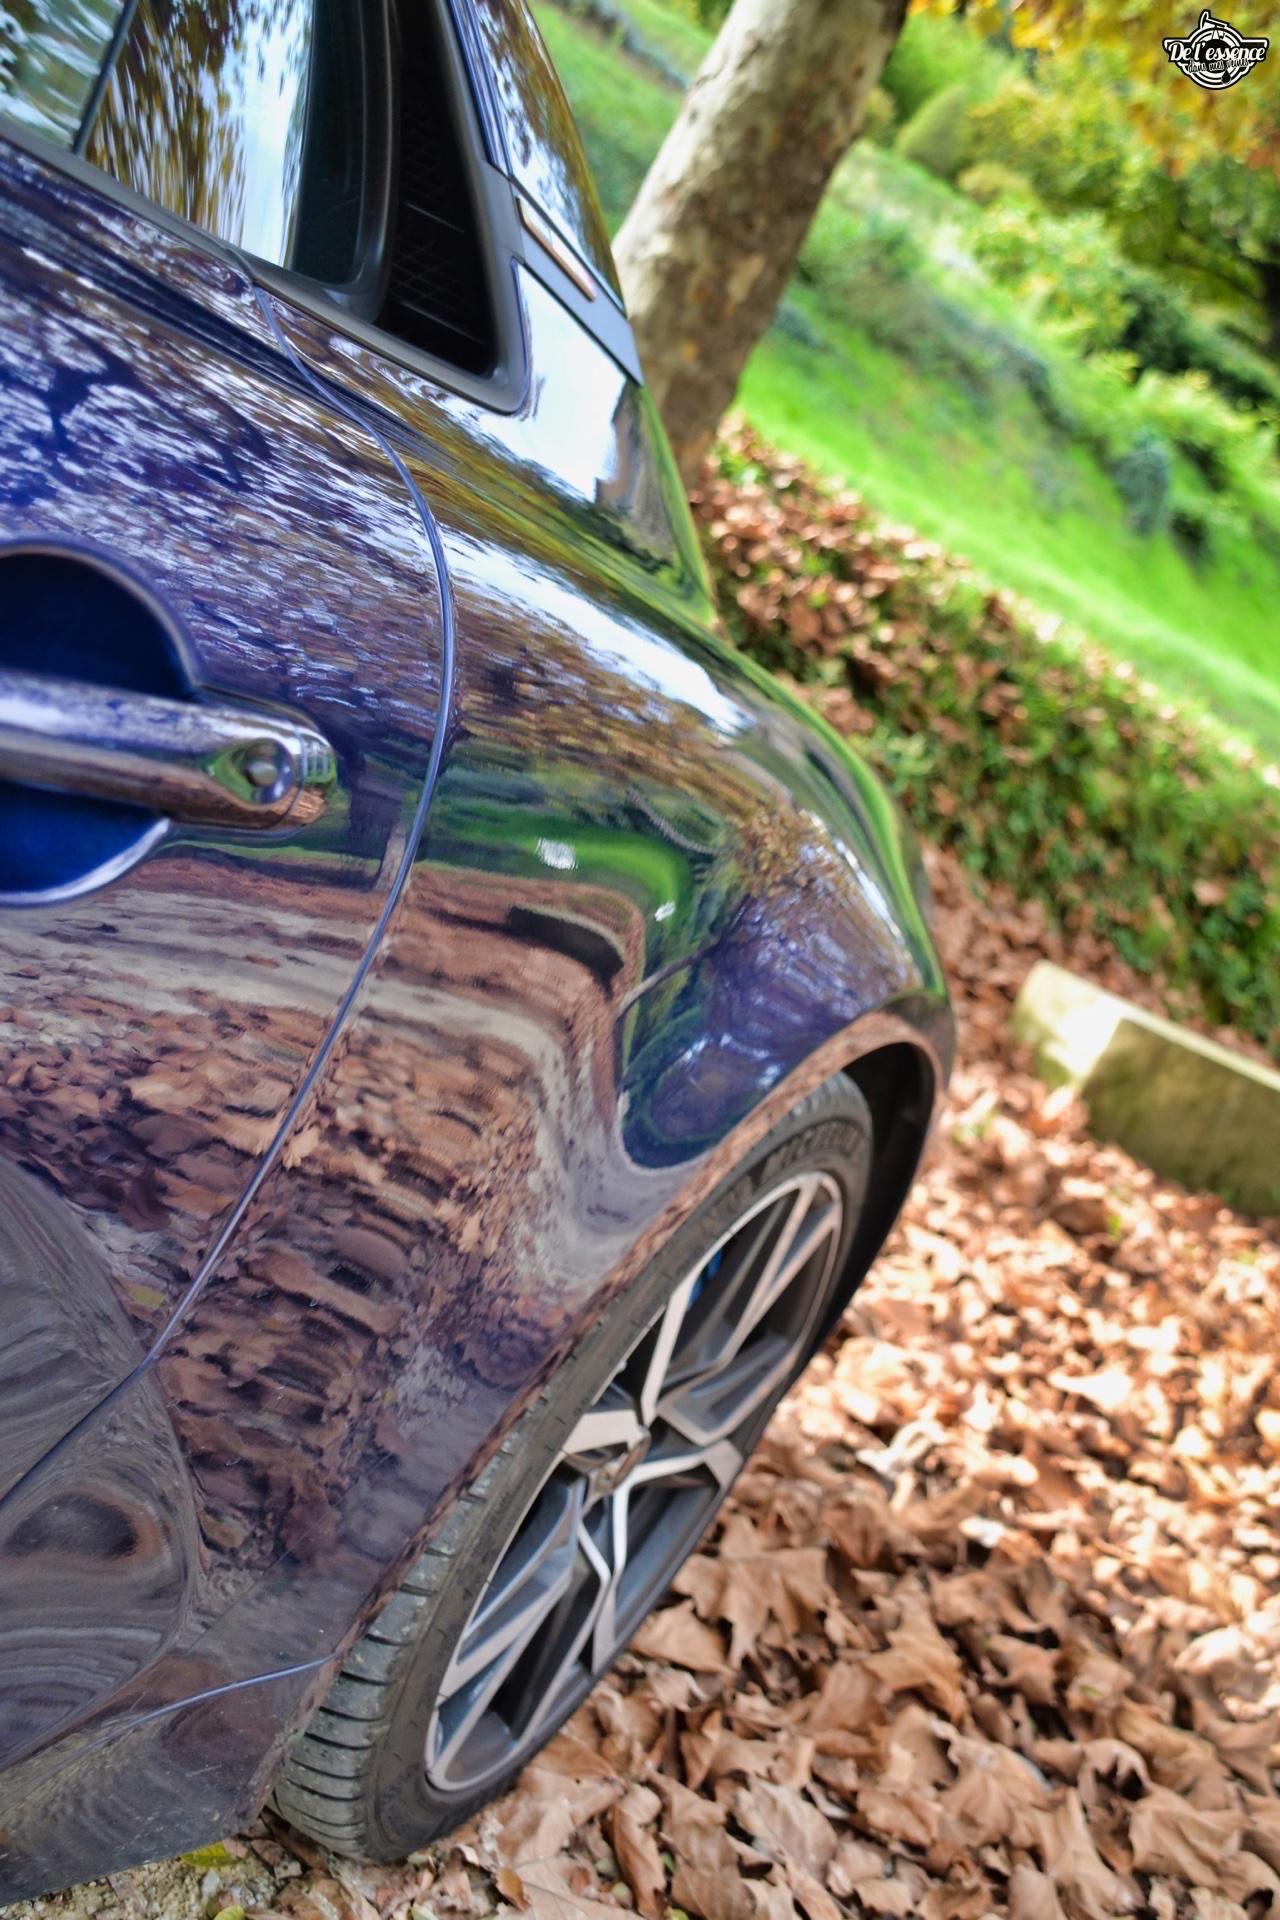 Alpine A110 Légende... Berlinette moderne ! 22